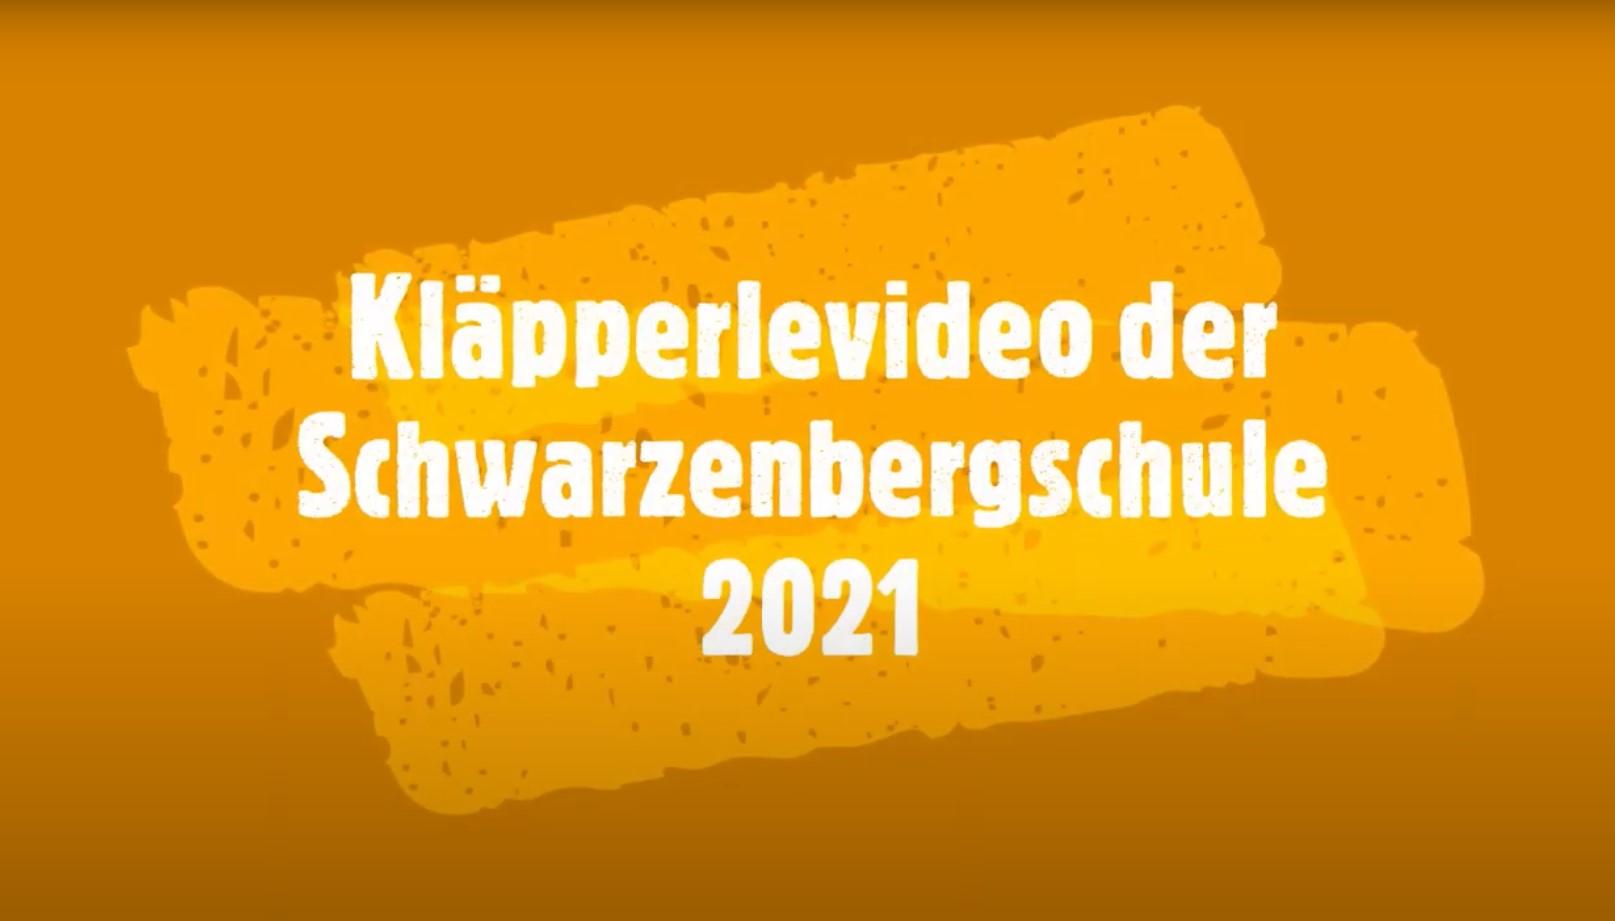 Kläpperlevideo der Schwarzenbergschule